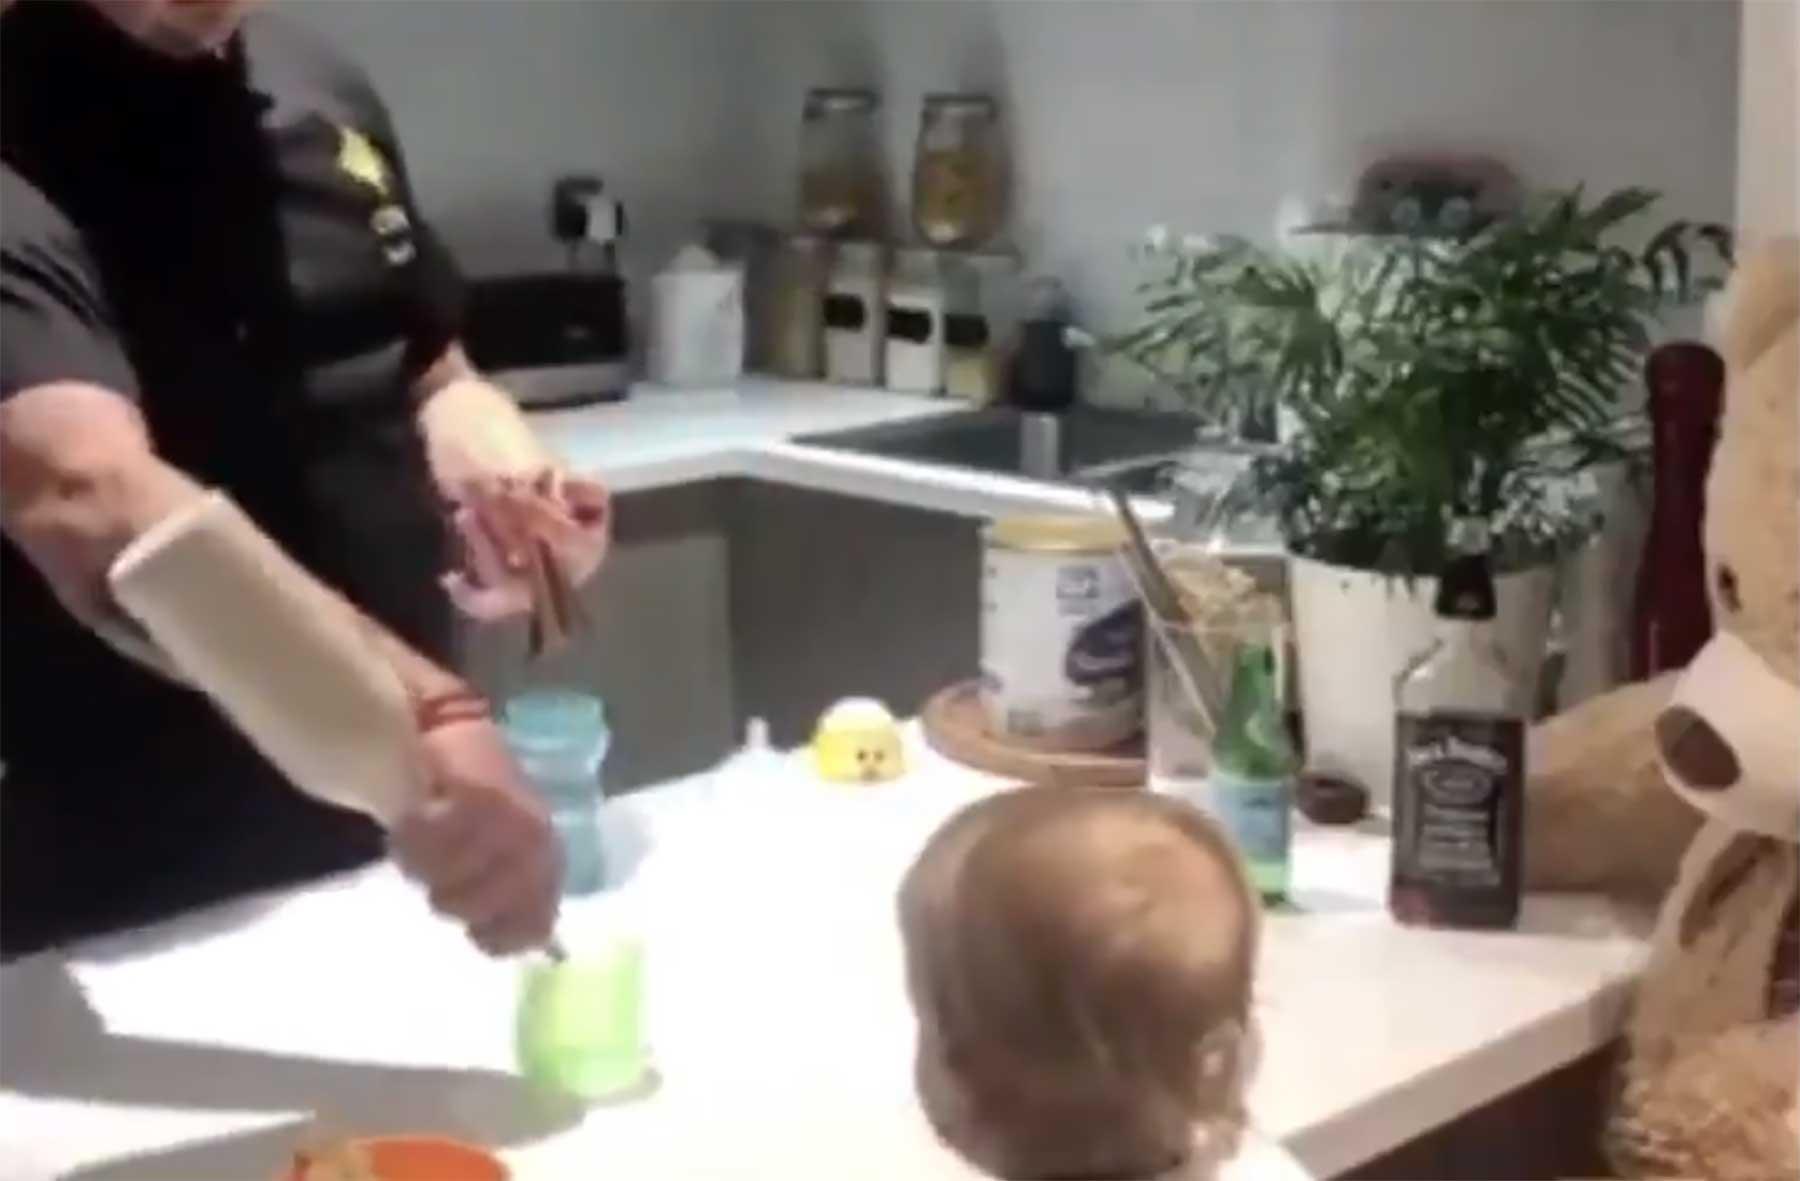 Wenn Barkeeper-Papa dein Fläschchen mixt